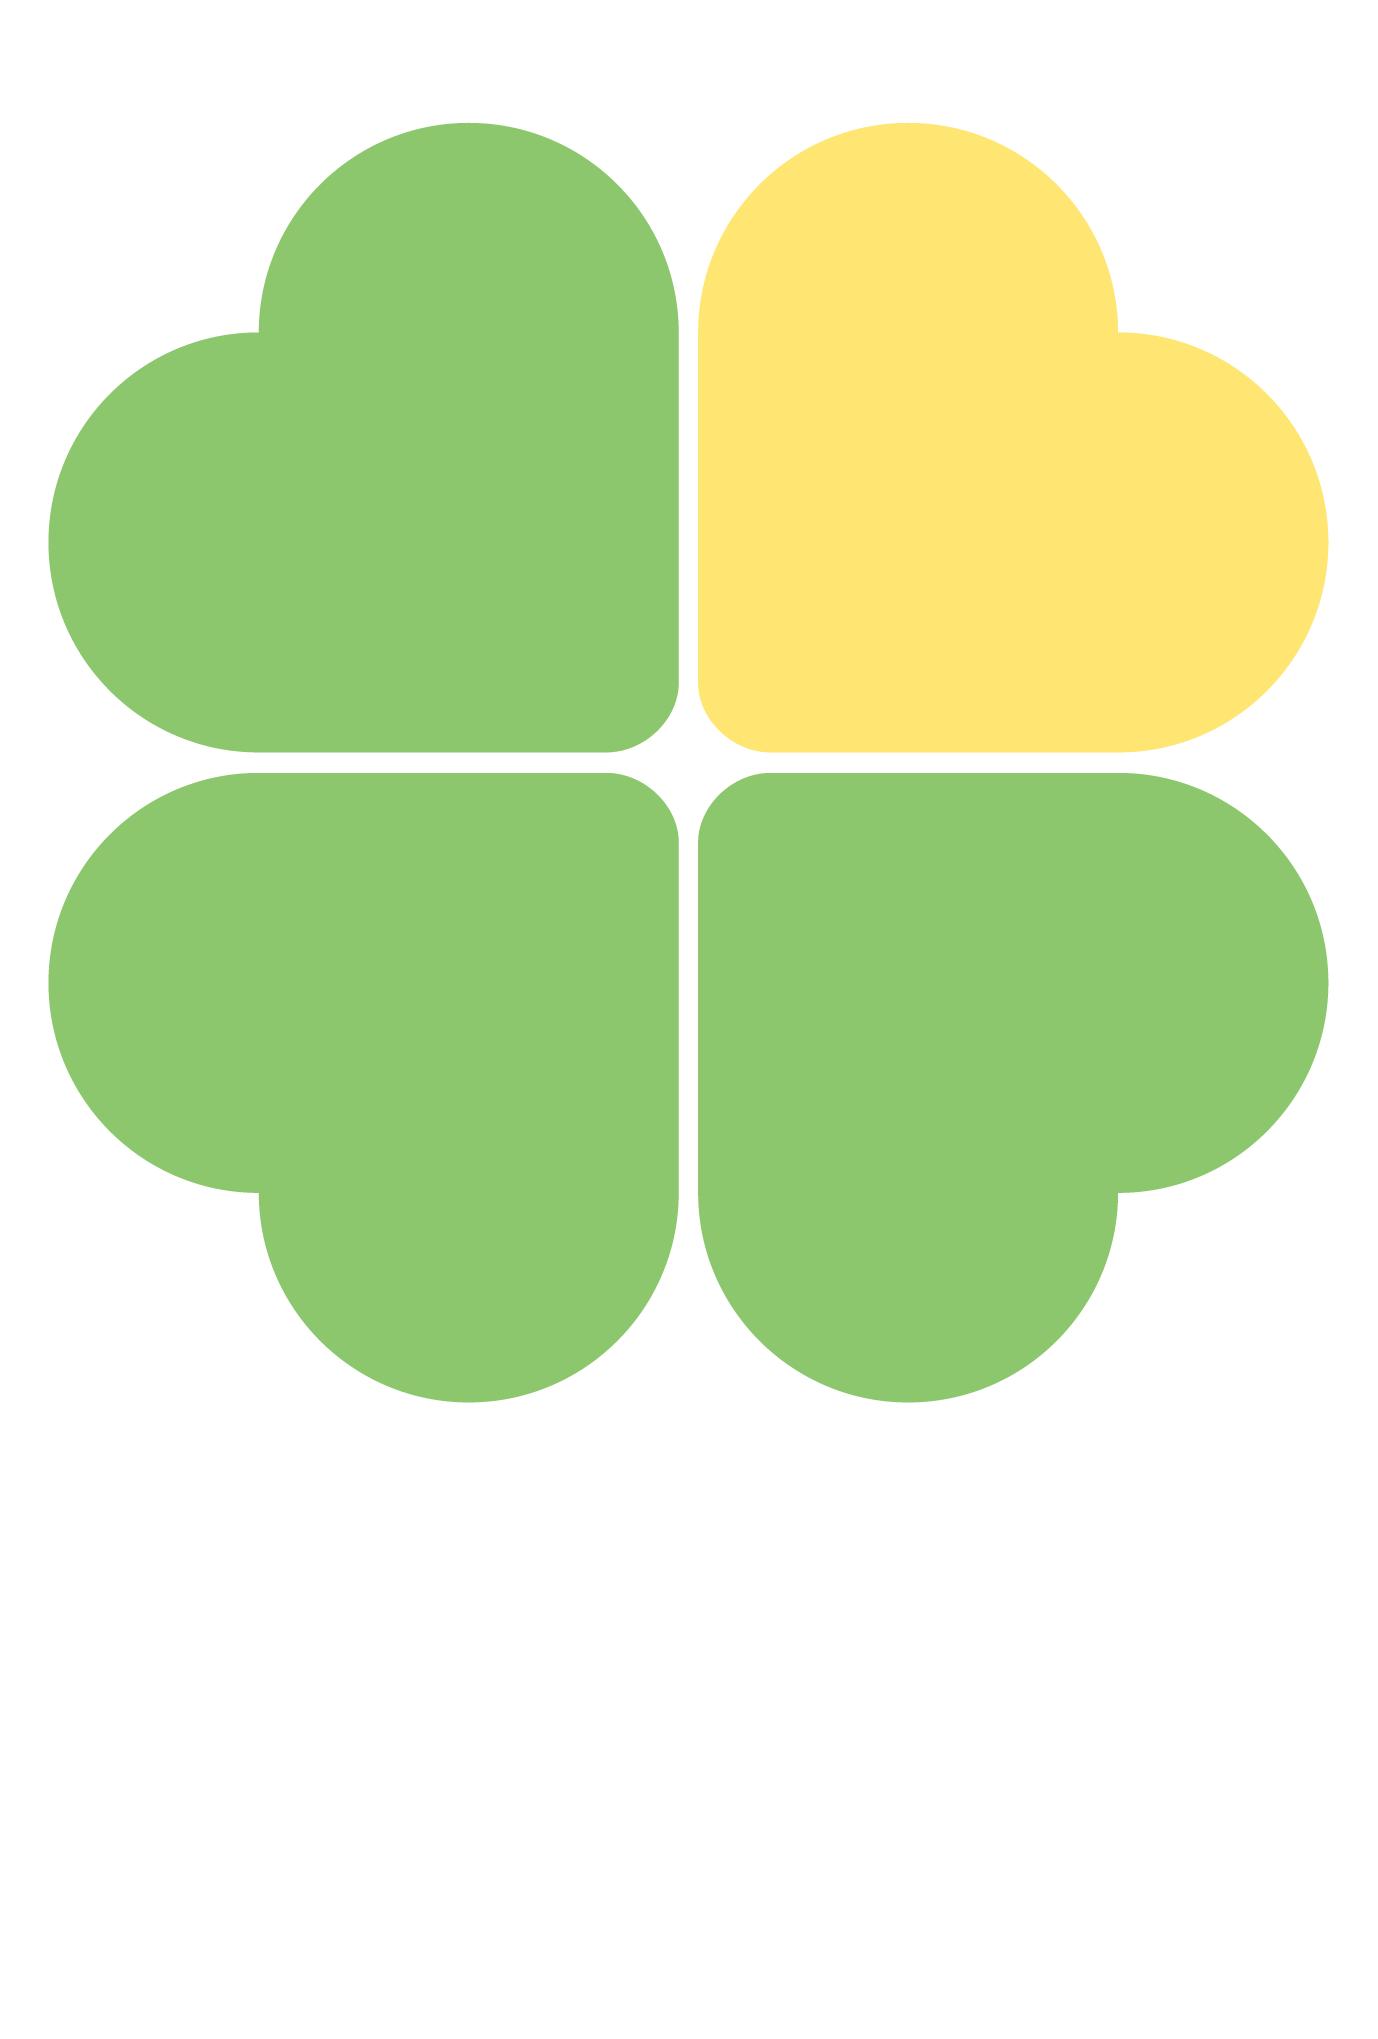 ポストカード05:Yellow heart cloverのダウンロード画像